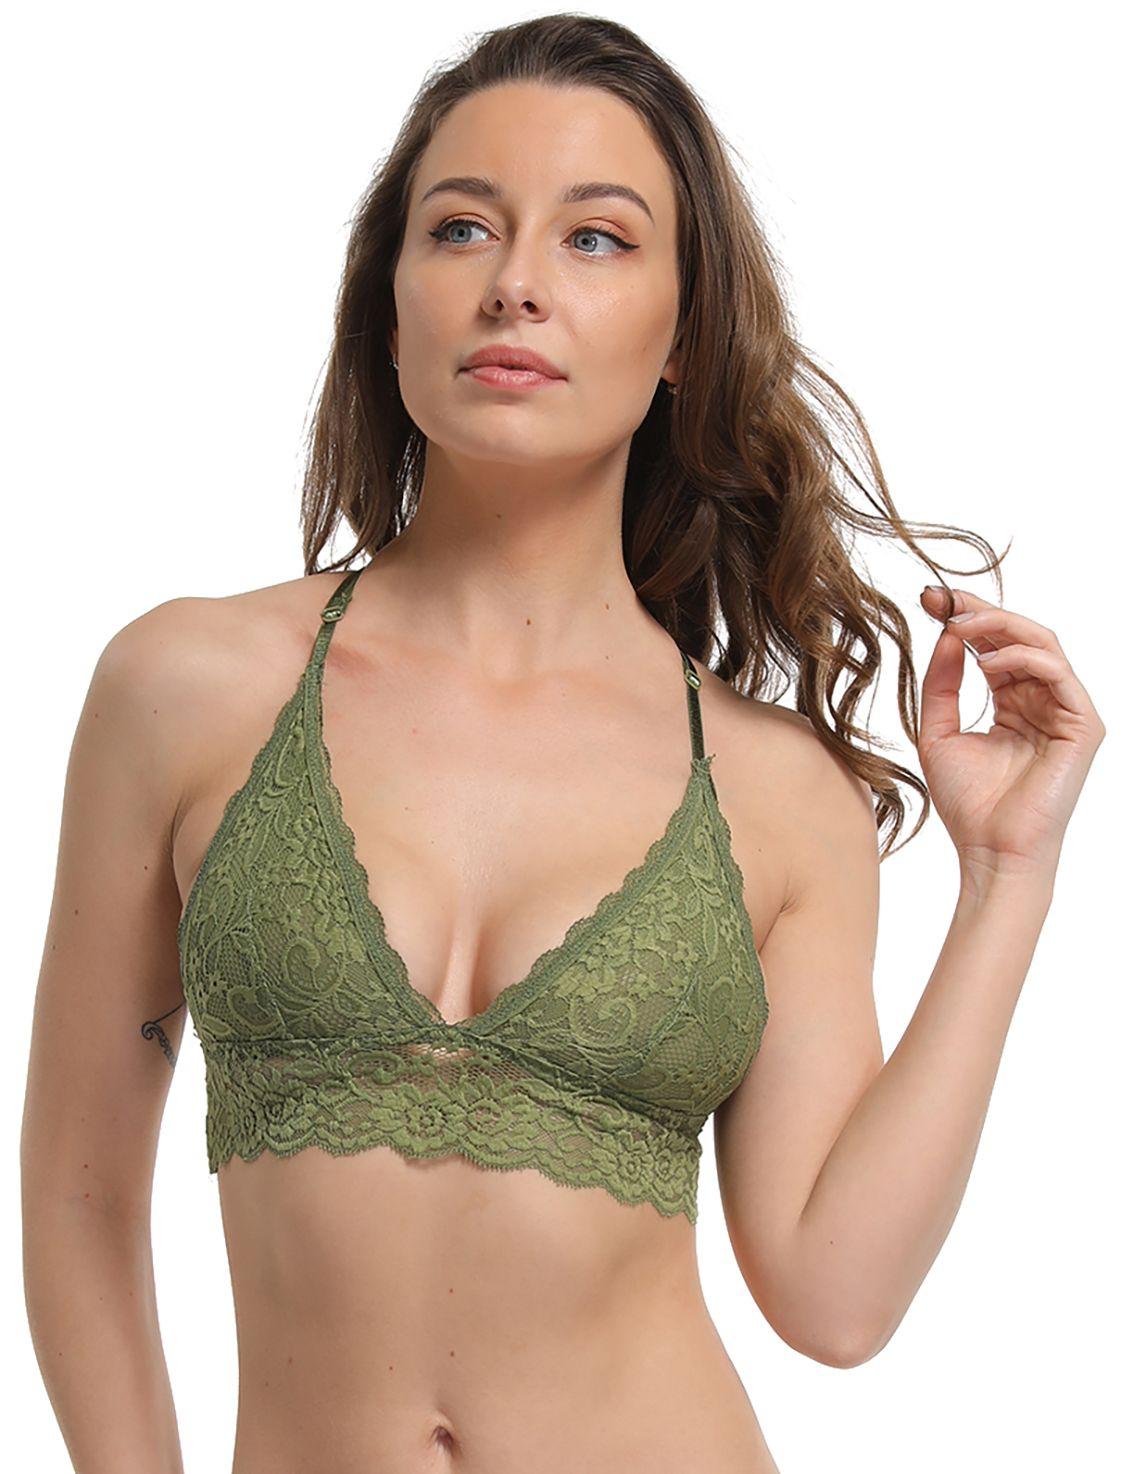 5bb7b68d454 FRDMBeauty Sexy Unlined Lace Sheer Bralette Triangle Bikini Top Wireless Bra  Cute Lingerie for Women